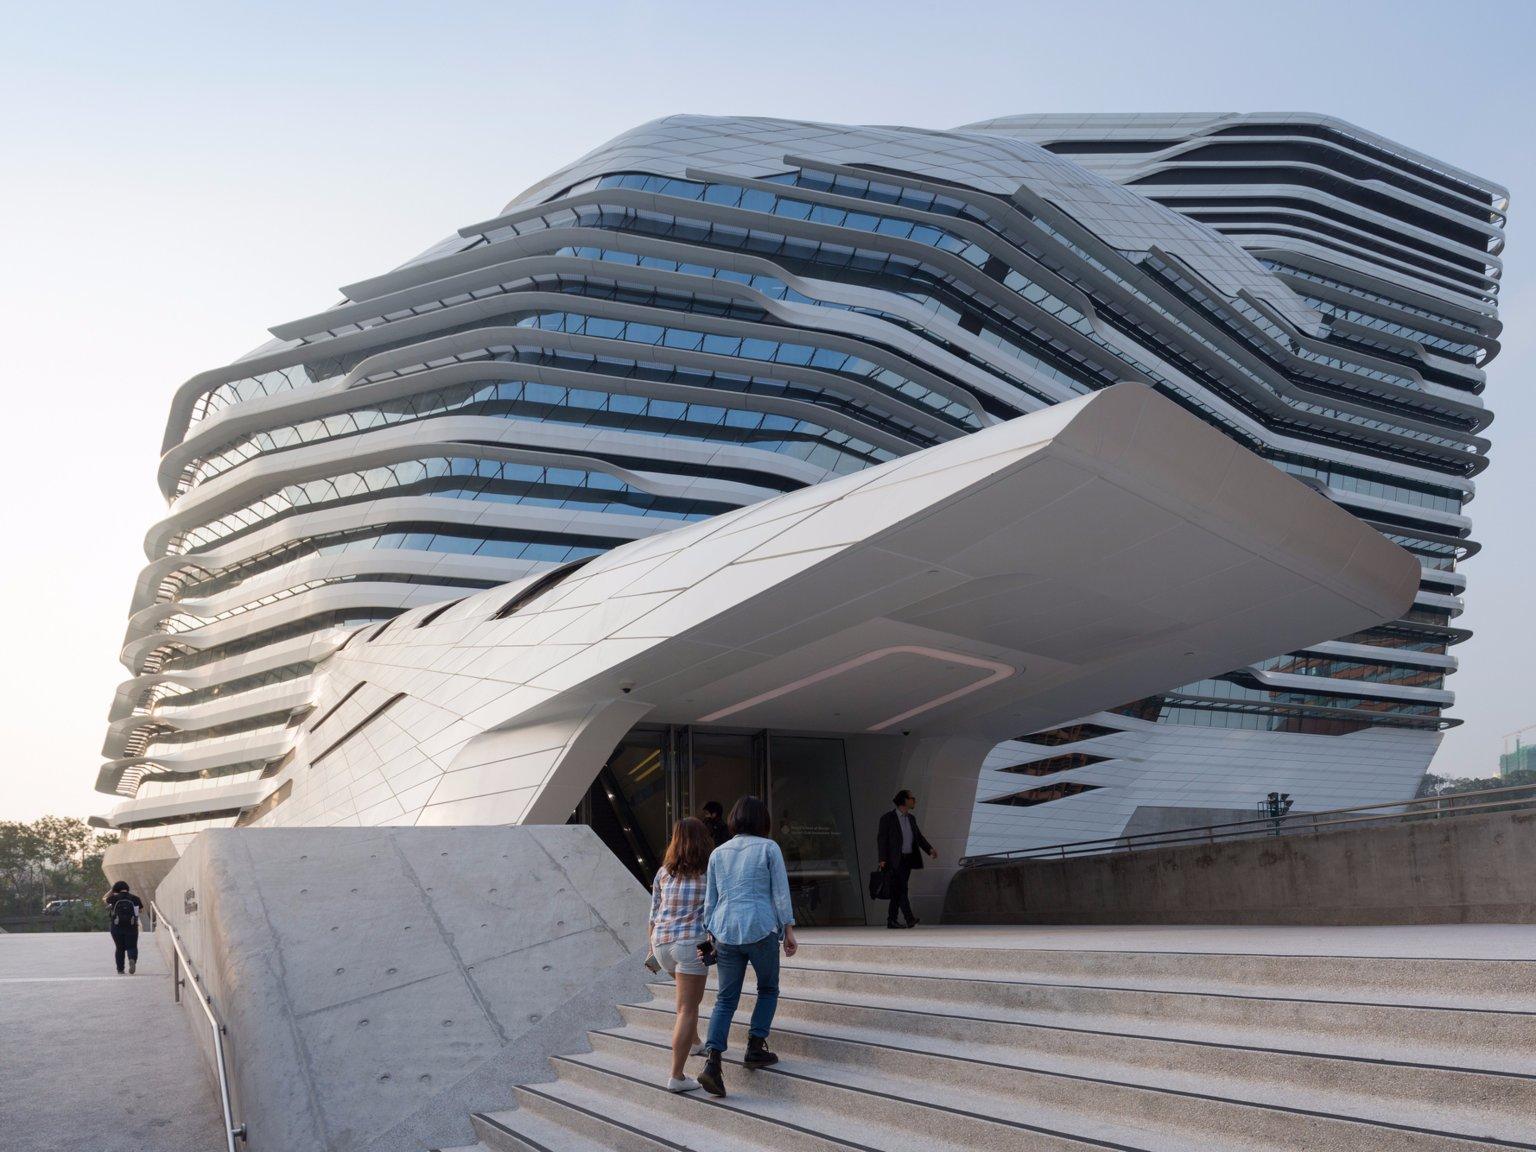 33 kiet tac kien truc ma ban nen nhin ngam mot lan trong cuoc doi 36 - 33 kiệt tác kiến trúc mà bạn nên nhìn ngắm một lần trong cuộc đời